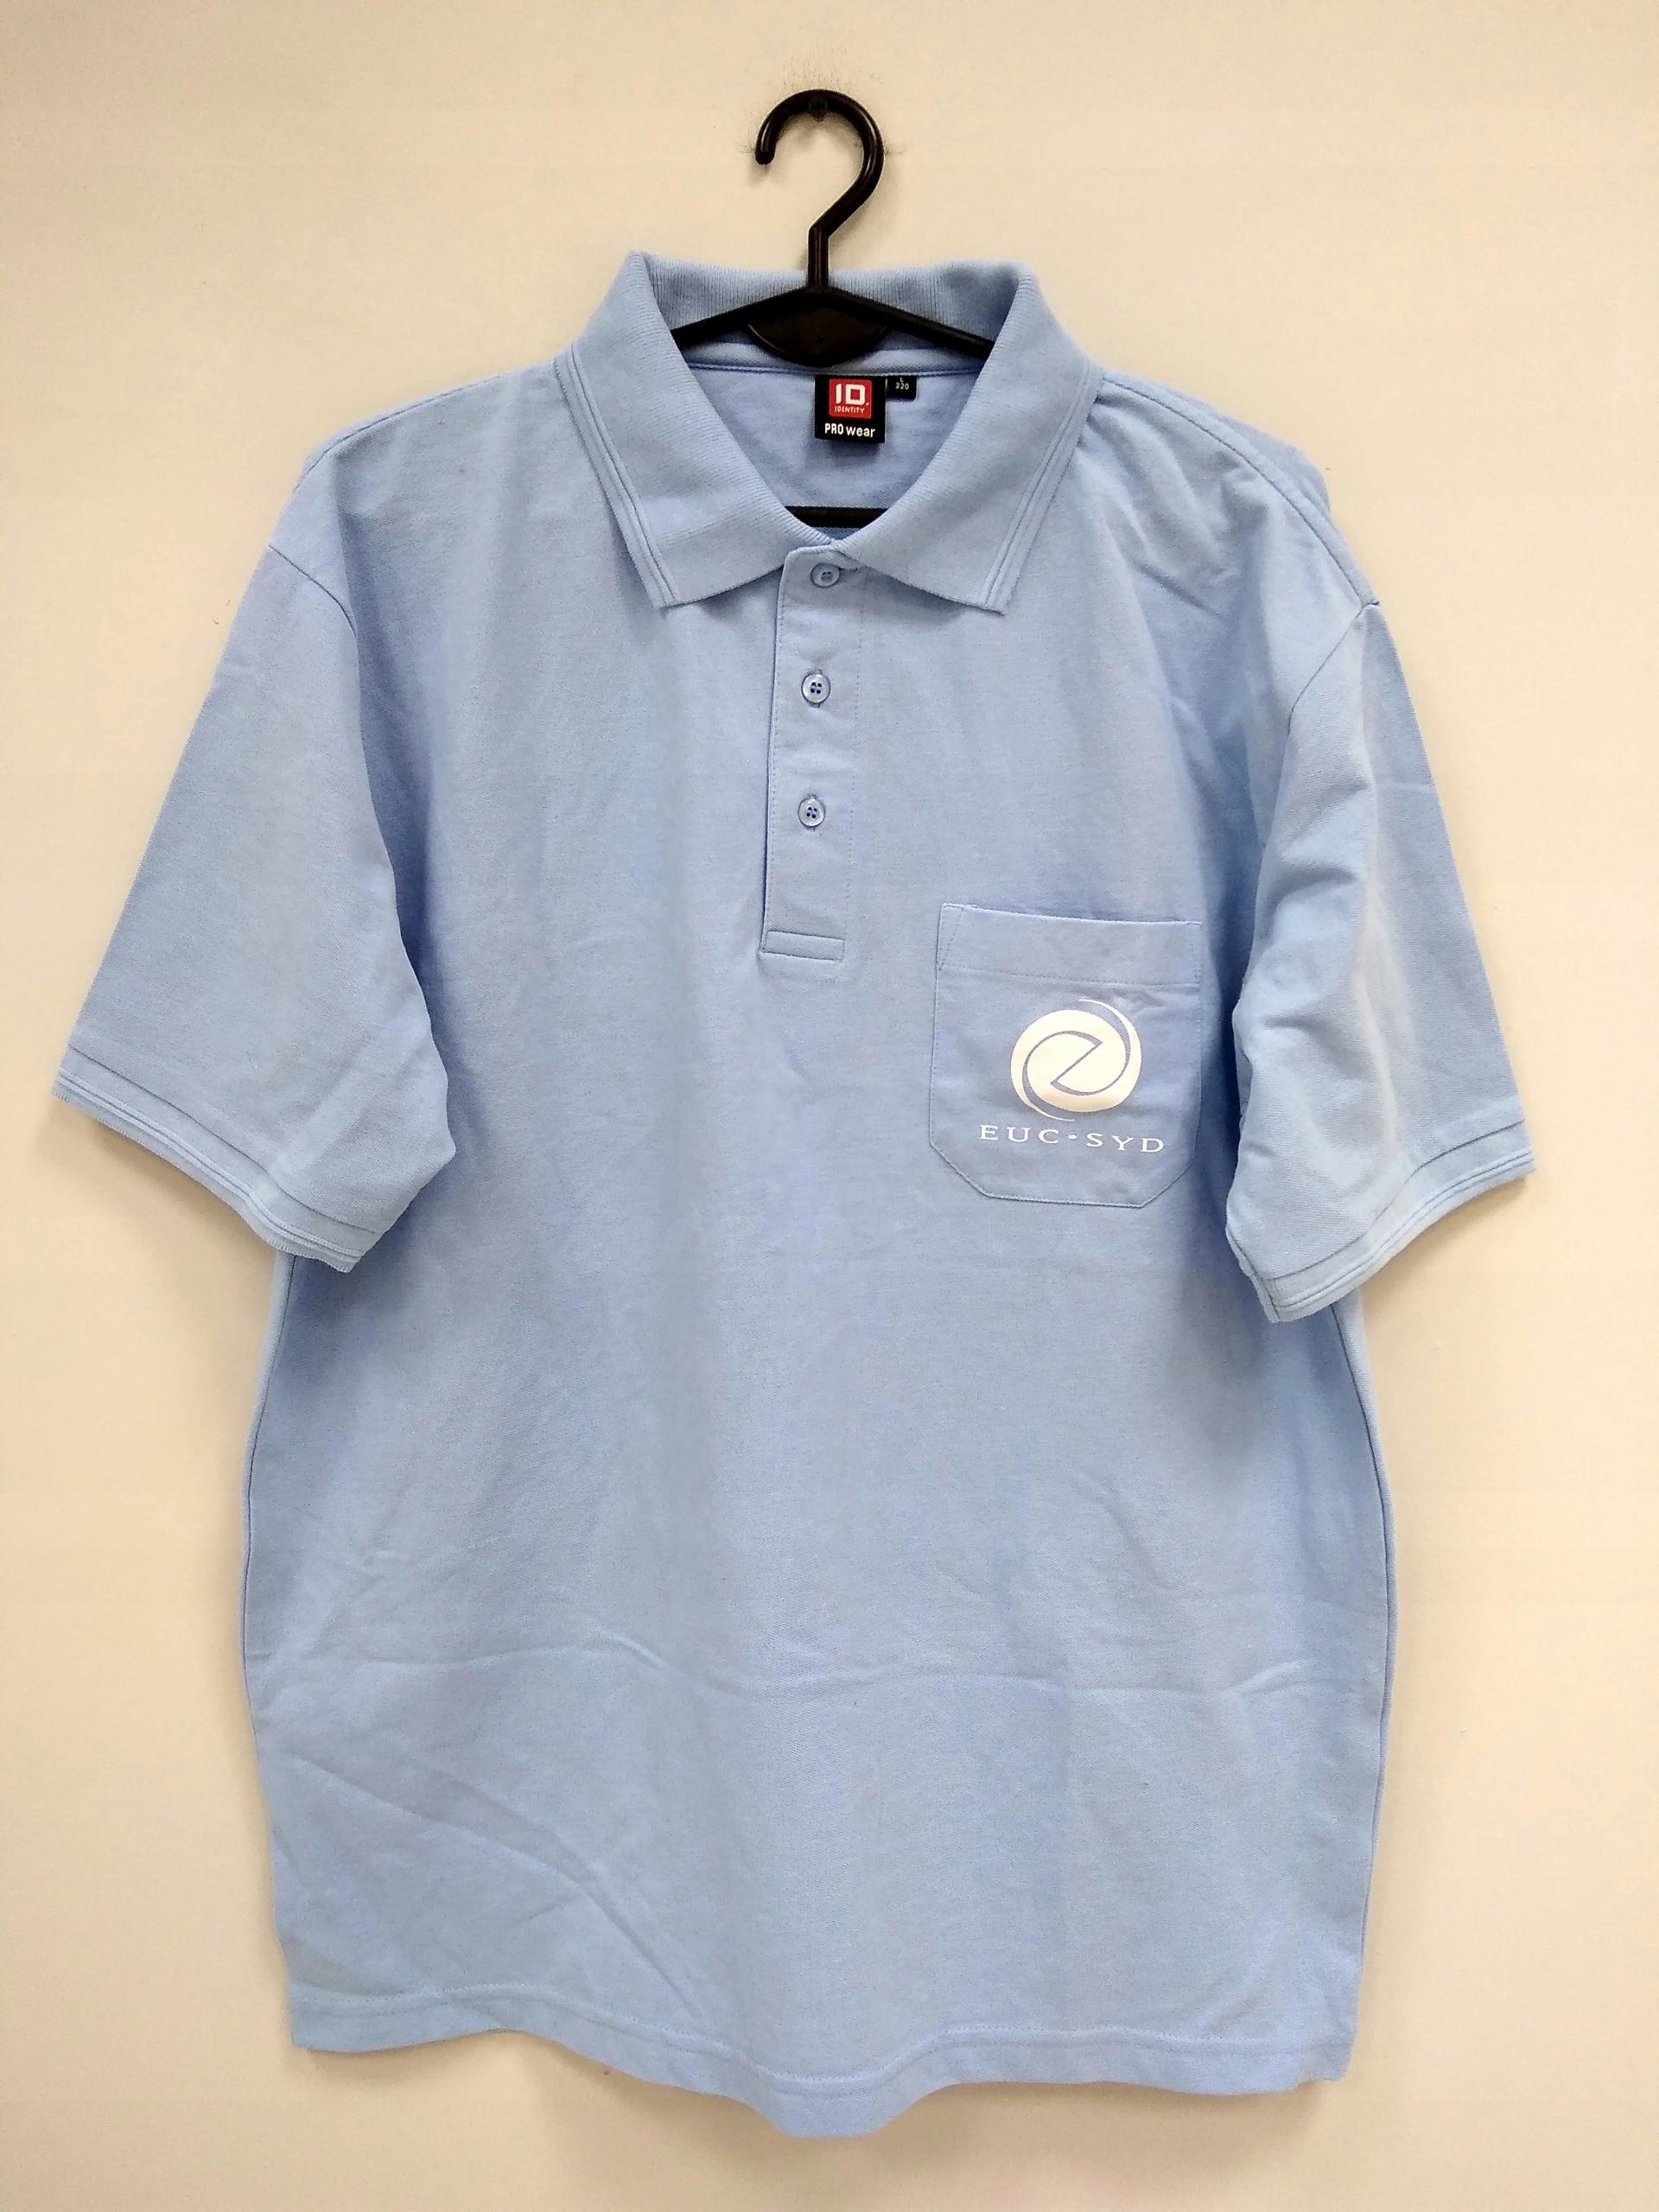 Polo baby blue błękitne niebieskie męskie r. L Z1